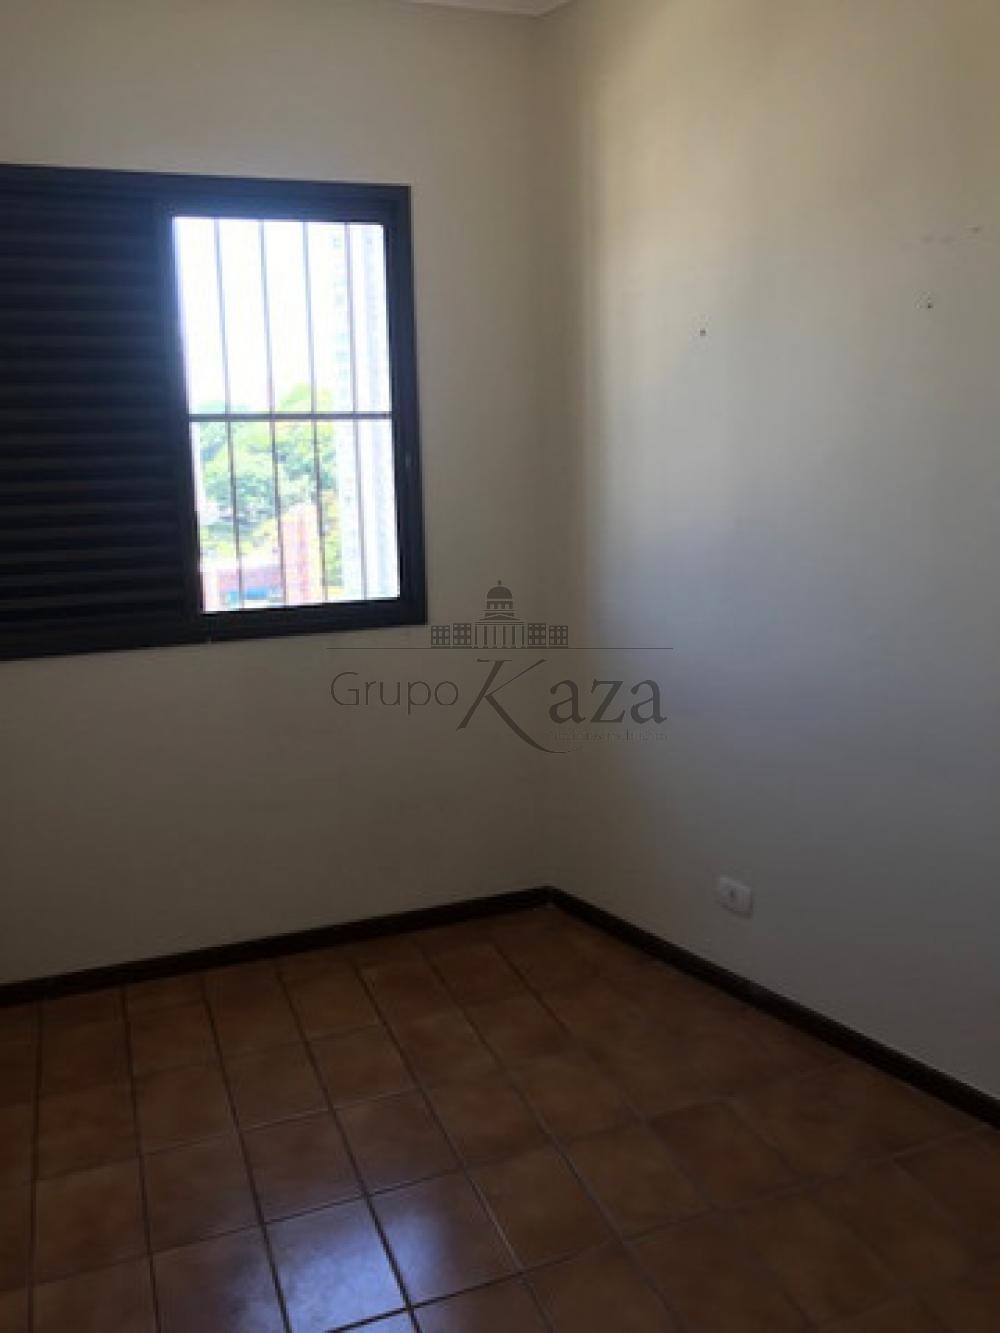 alt='Comprar Apartamento / Padrão em São José dos Campos R$ 515.000,00 - Foto 7' title='Comprar Apartamento / Padrão em São José dos Campos R$ 515.000,00 - Foto 7'